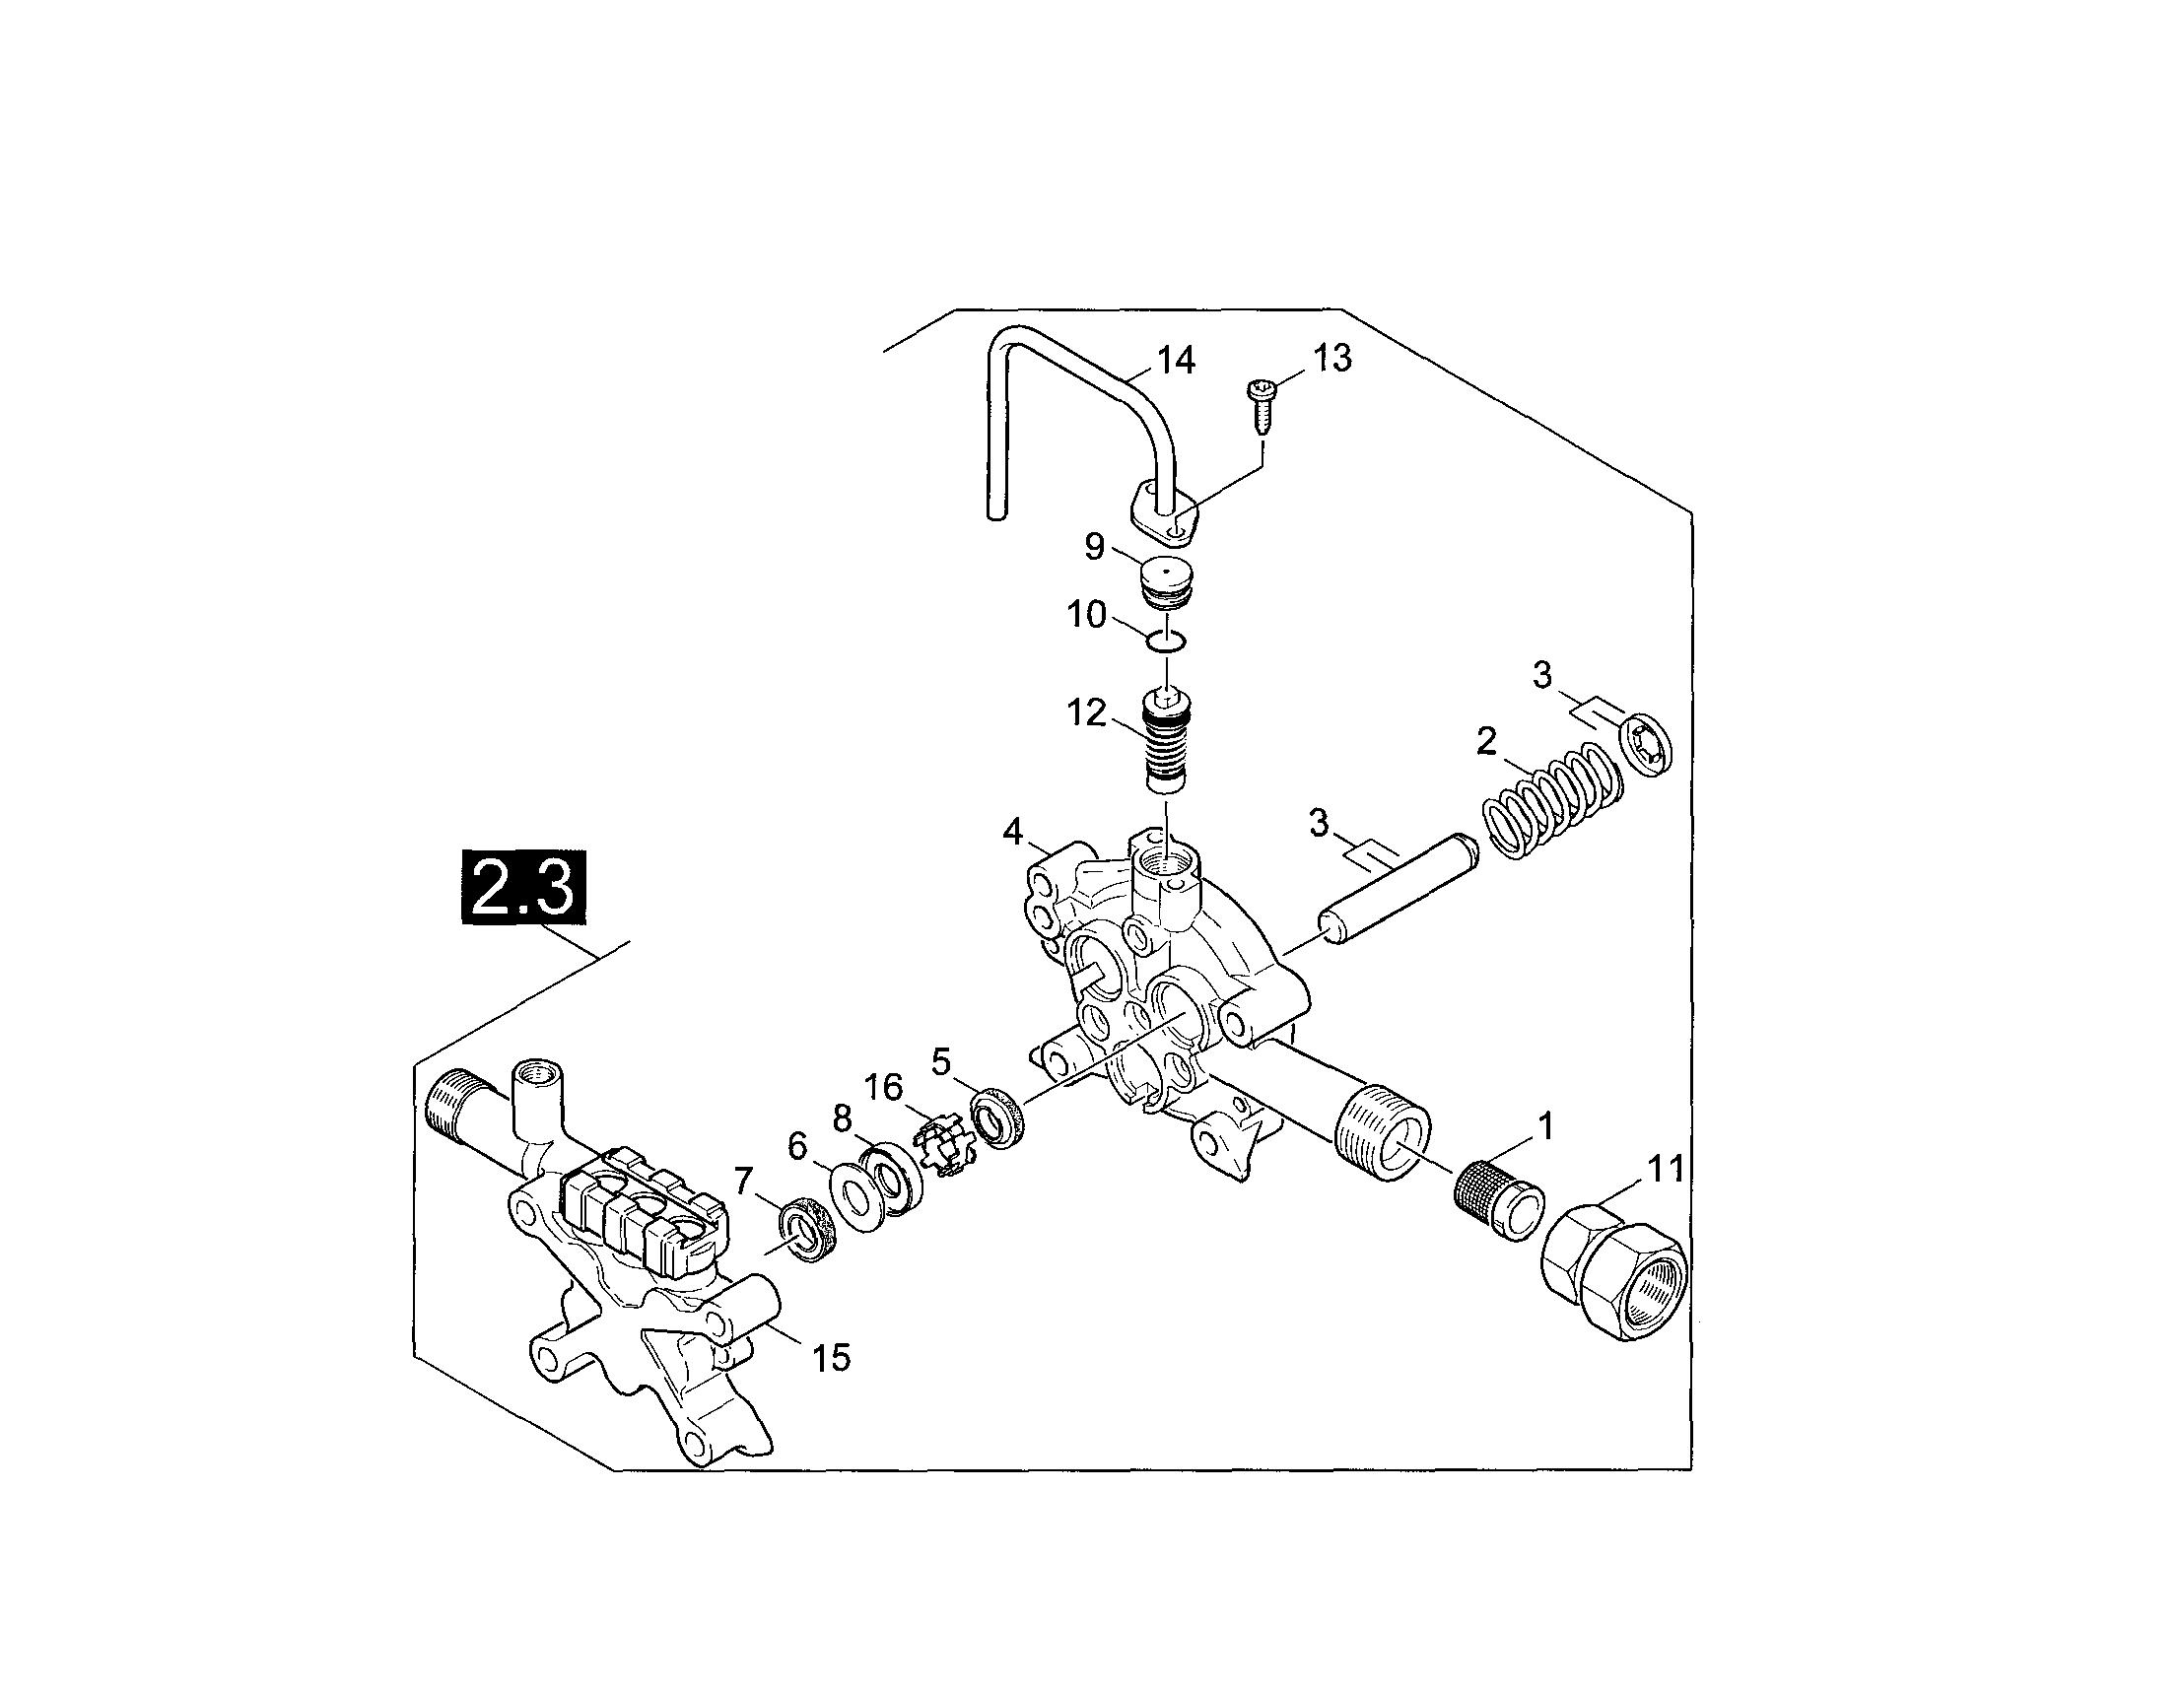 Wiring Diagram  25 Karcher Power Washer Parts Diagram